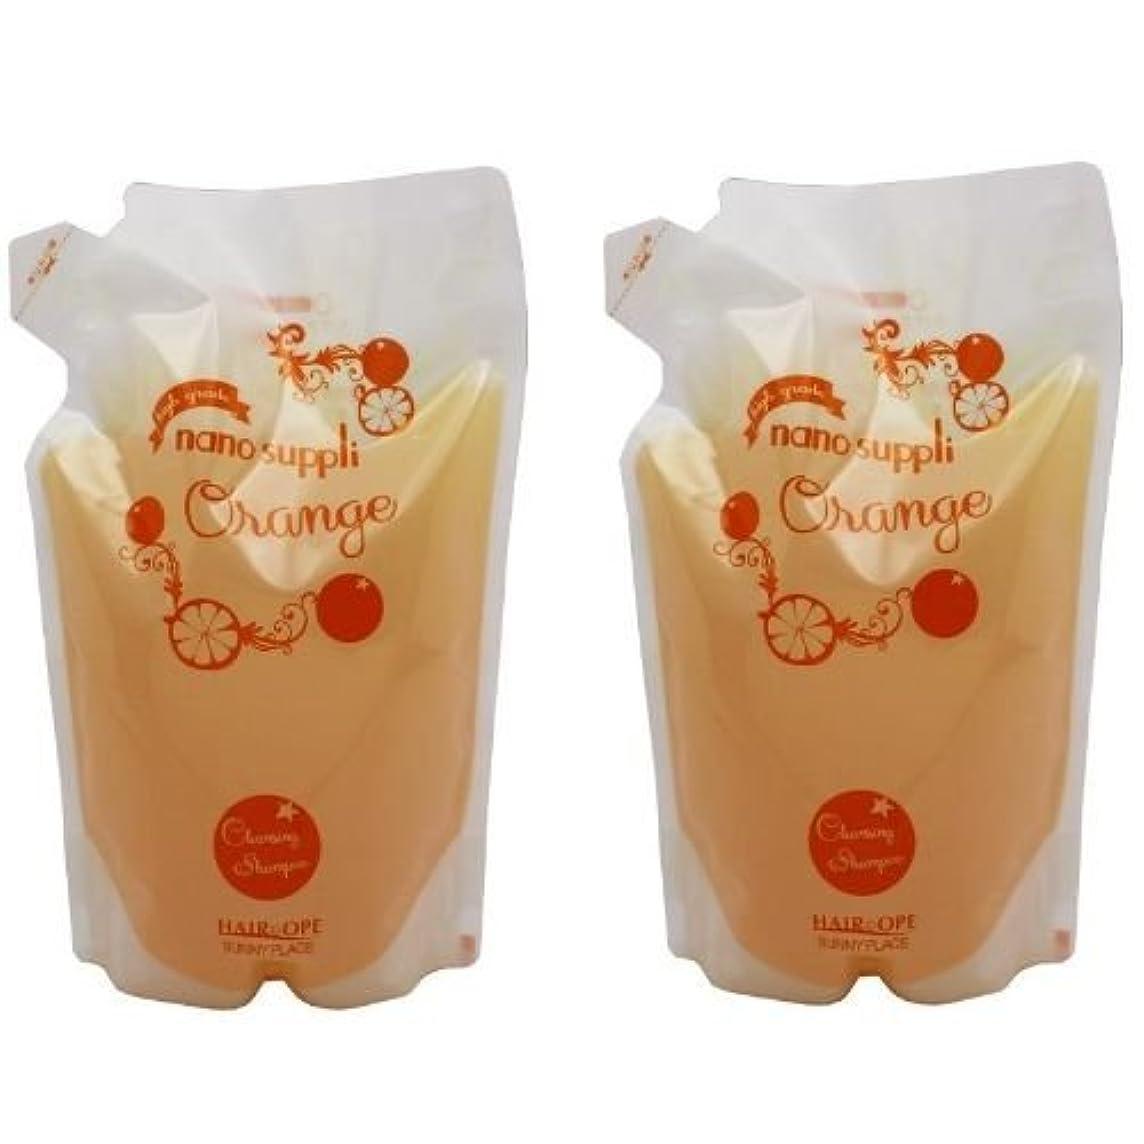 返済についてページ【X2個セット】 サニープレイス ナノサプリ クレンジングシャンプー オレンジ 800ml 詰替え用